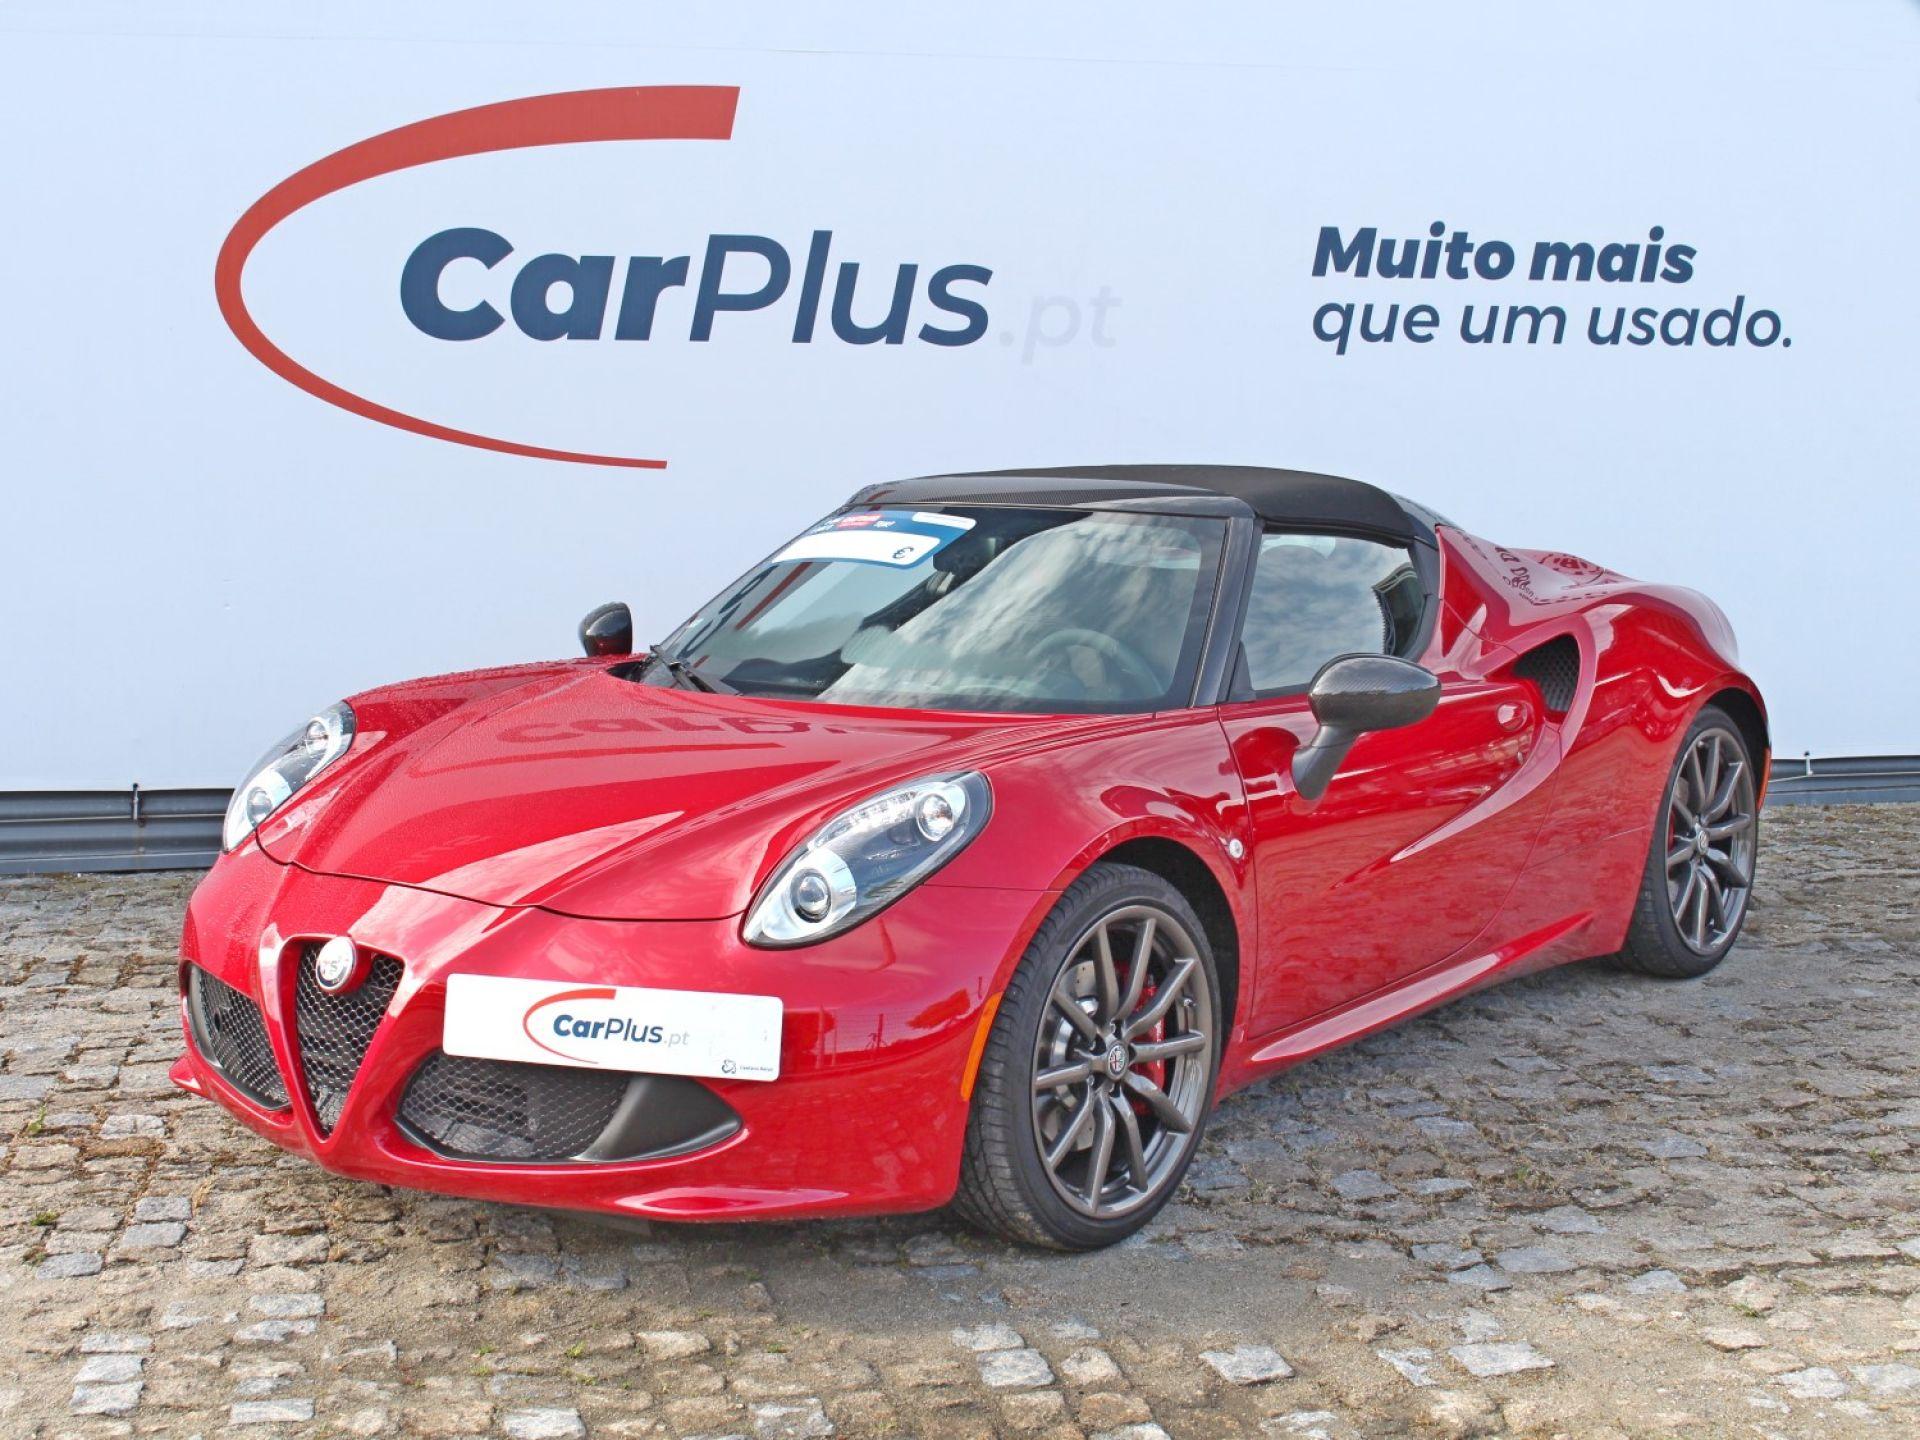 Alfa Romeo 4C 1.750 Turbogasolina 240cv TCT Spider segunda mão Porto